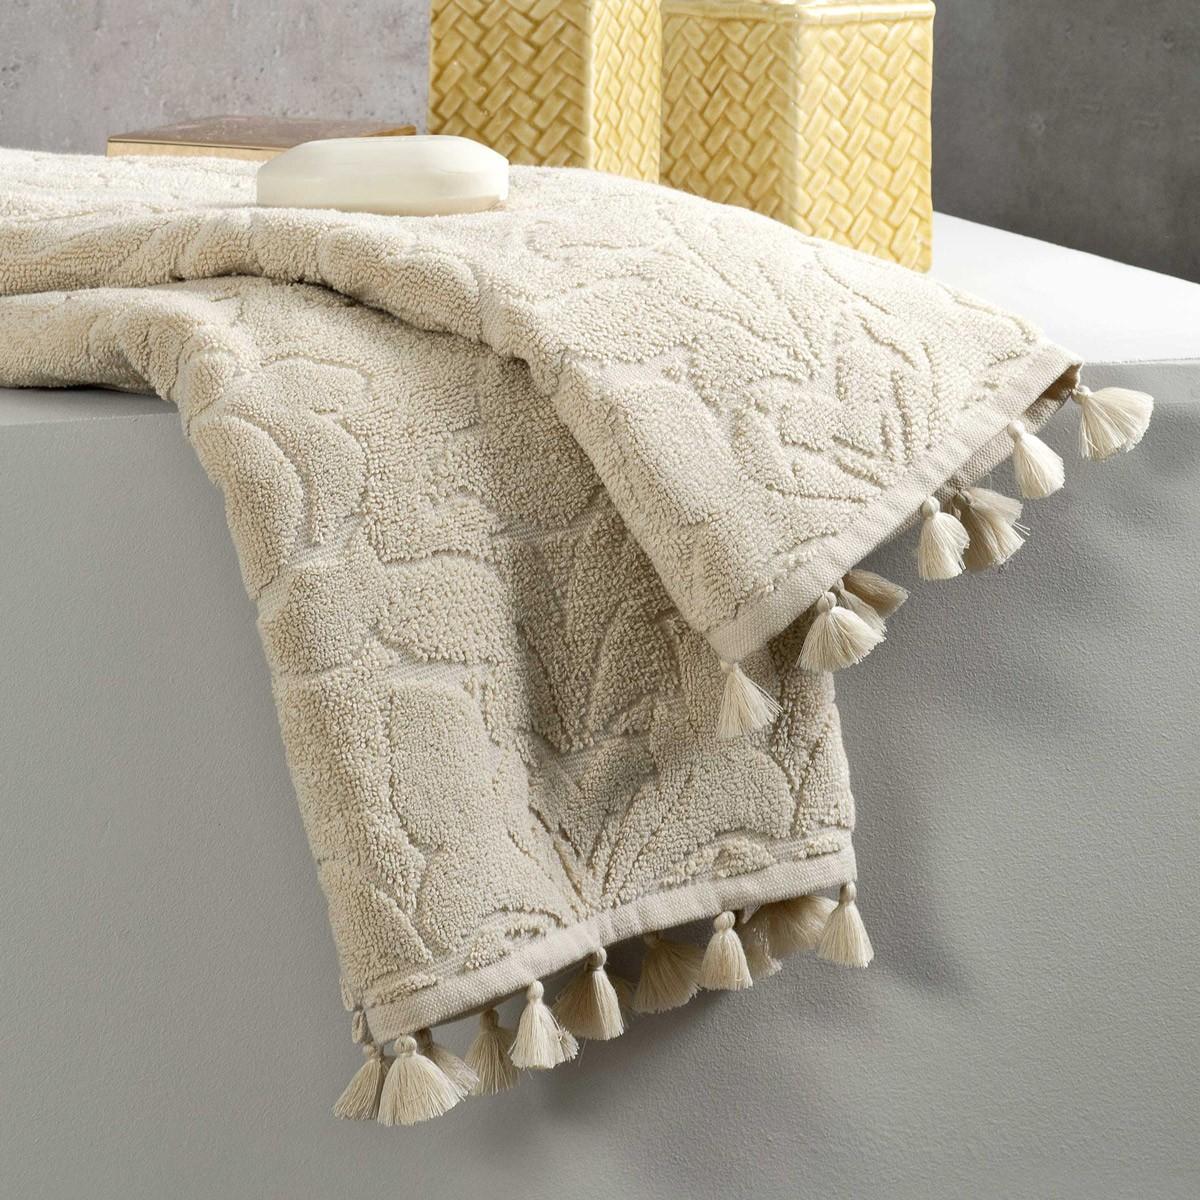 Πετσέτες Μπάνιου (Σετ 3τμχ) Nima Towels Indore